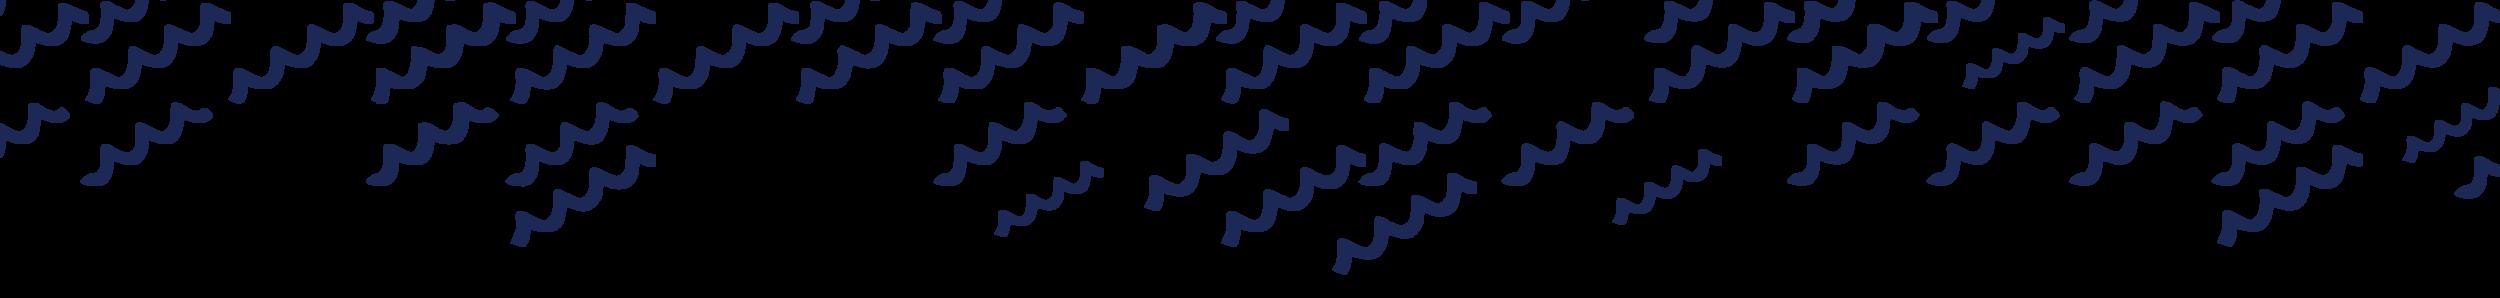 WavePattern_v2-01.png